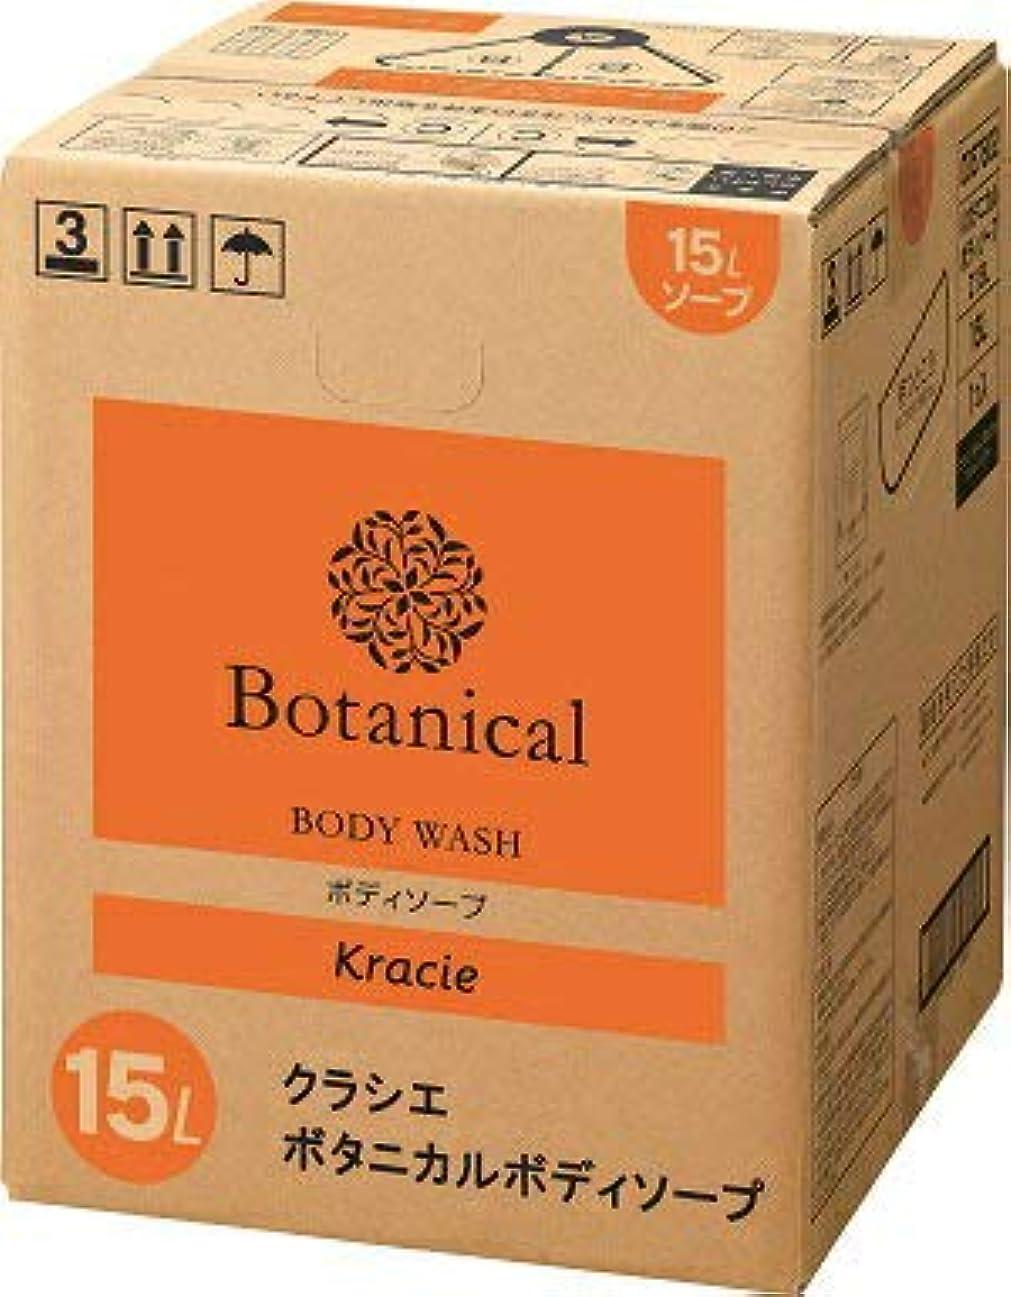 追い出すビリーストレッチKracie クラシエ Botanical ボタニカル ボディソープ 15L 詰め替え 業務用